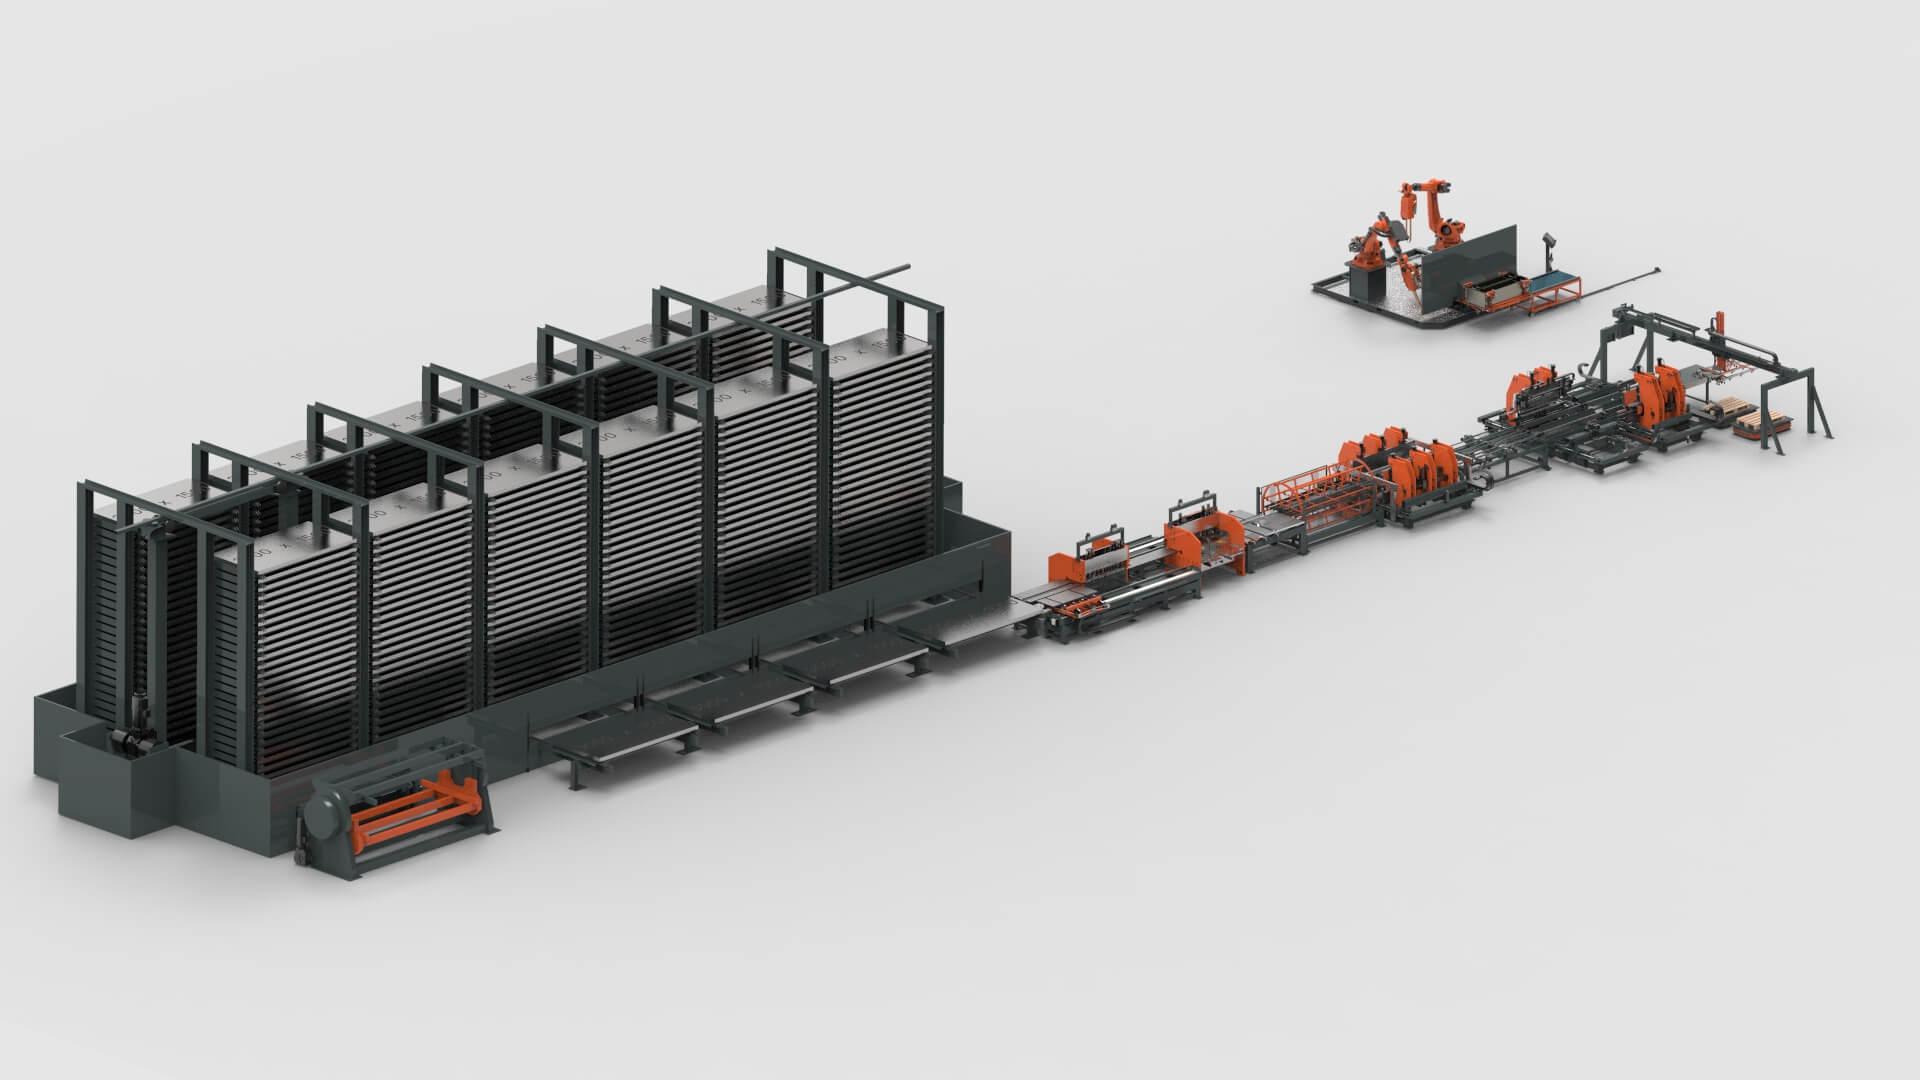 wemo-stahlschränke-blechbearbeitung-blechlagersystem-stanzen-biegen-produktionslinie.jpg